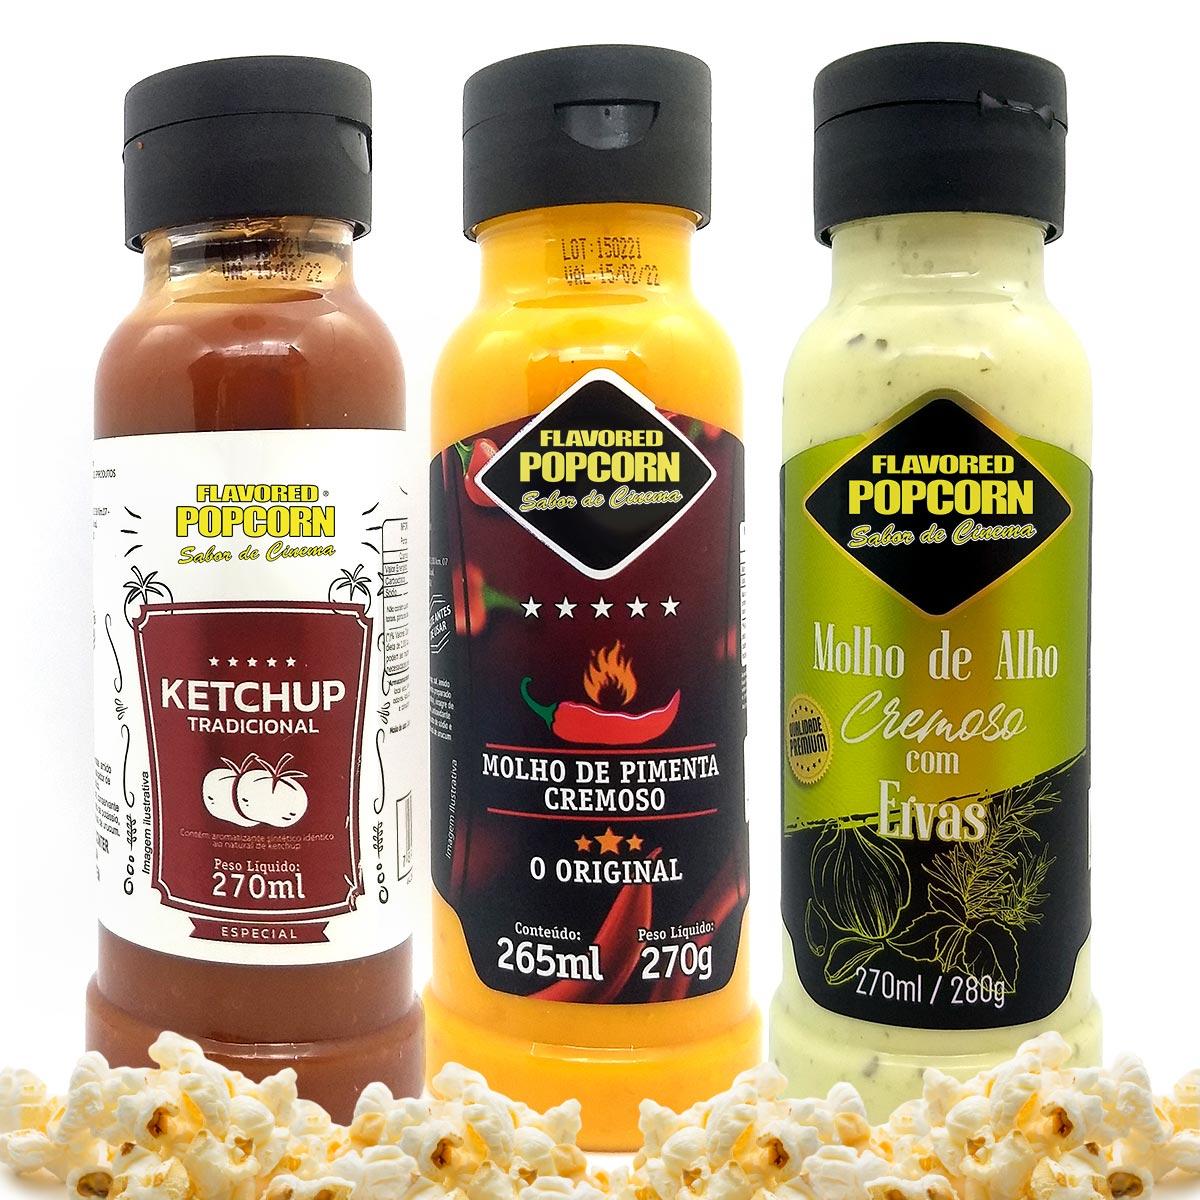 Combo 3 Sabores de Molhos: Pimenta Cremoso, Alho Cremoso com Ervas e Ketchup